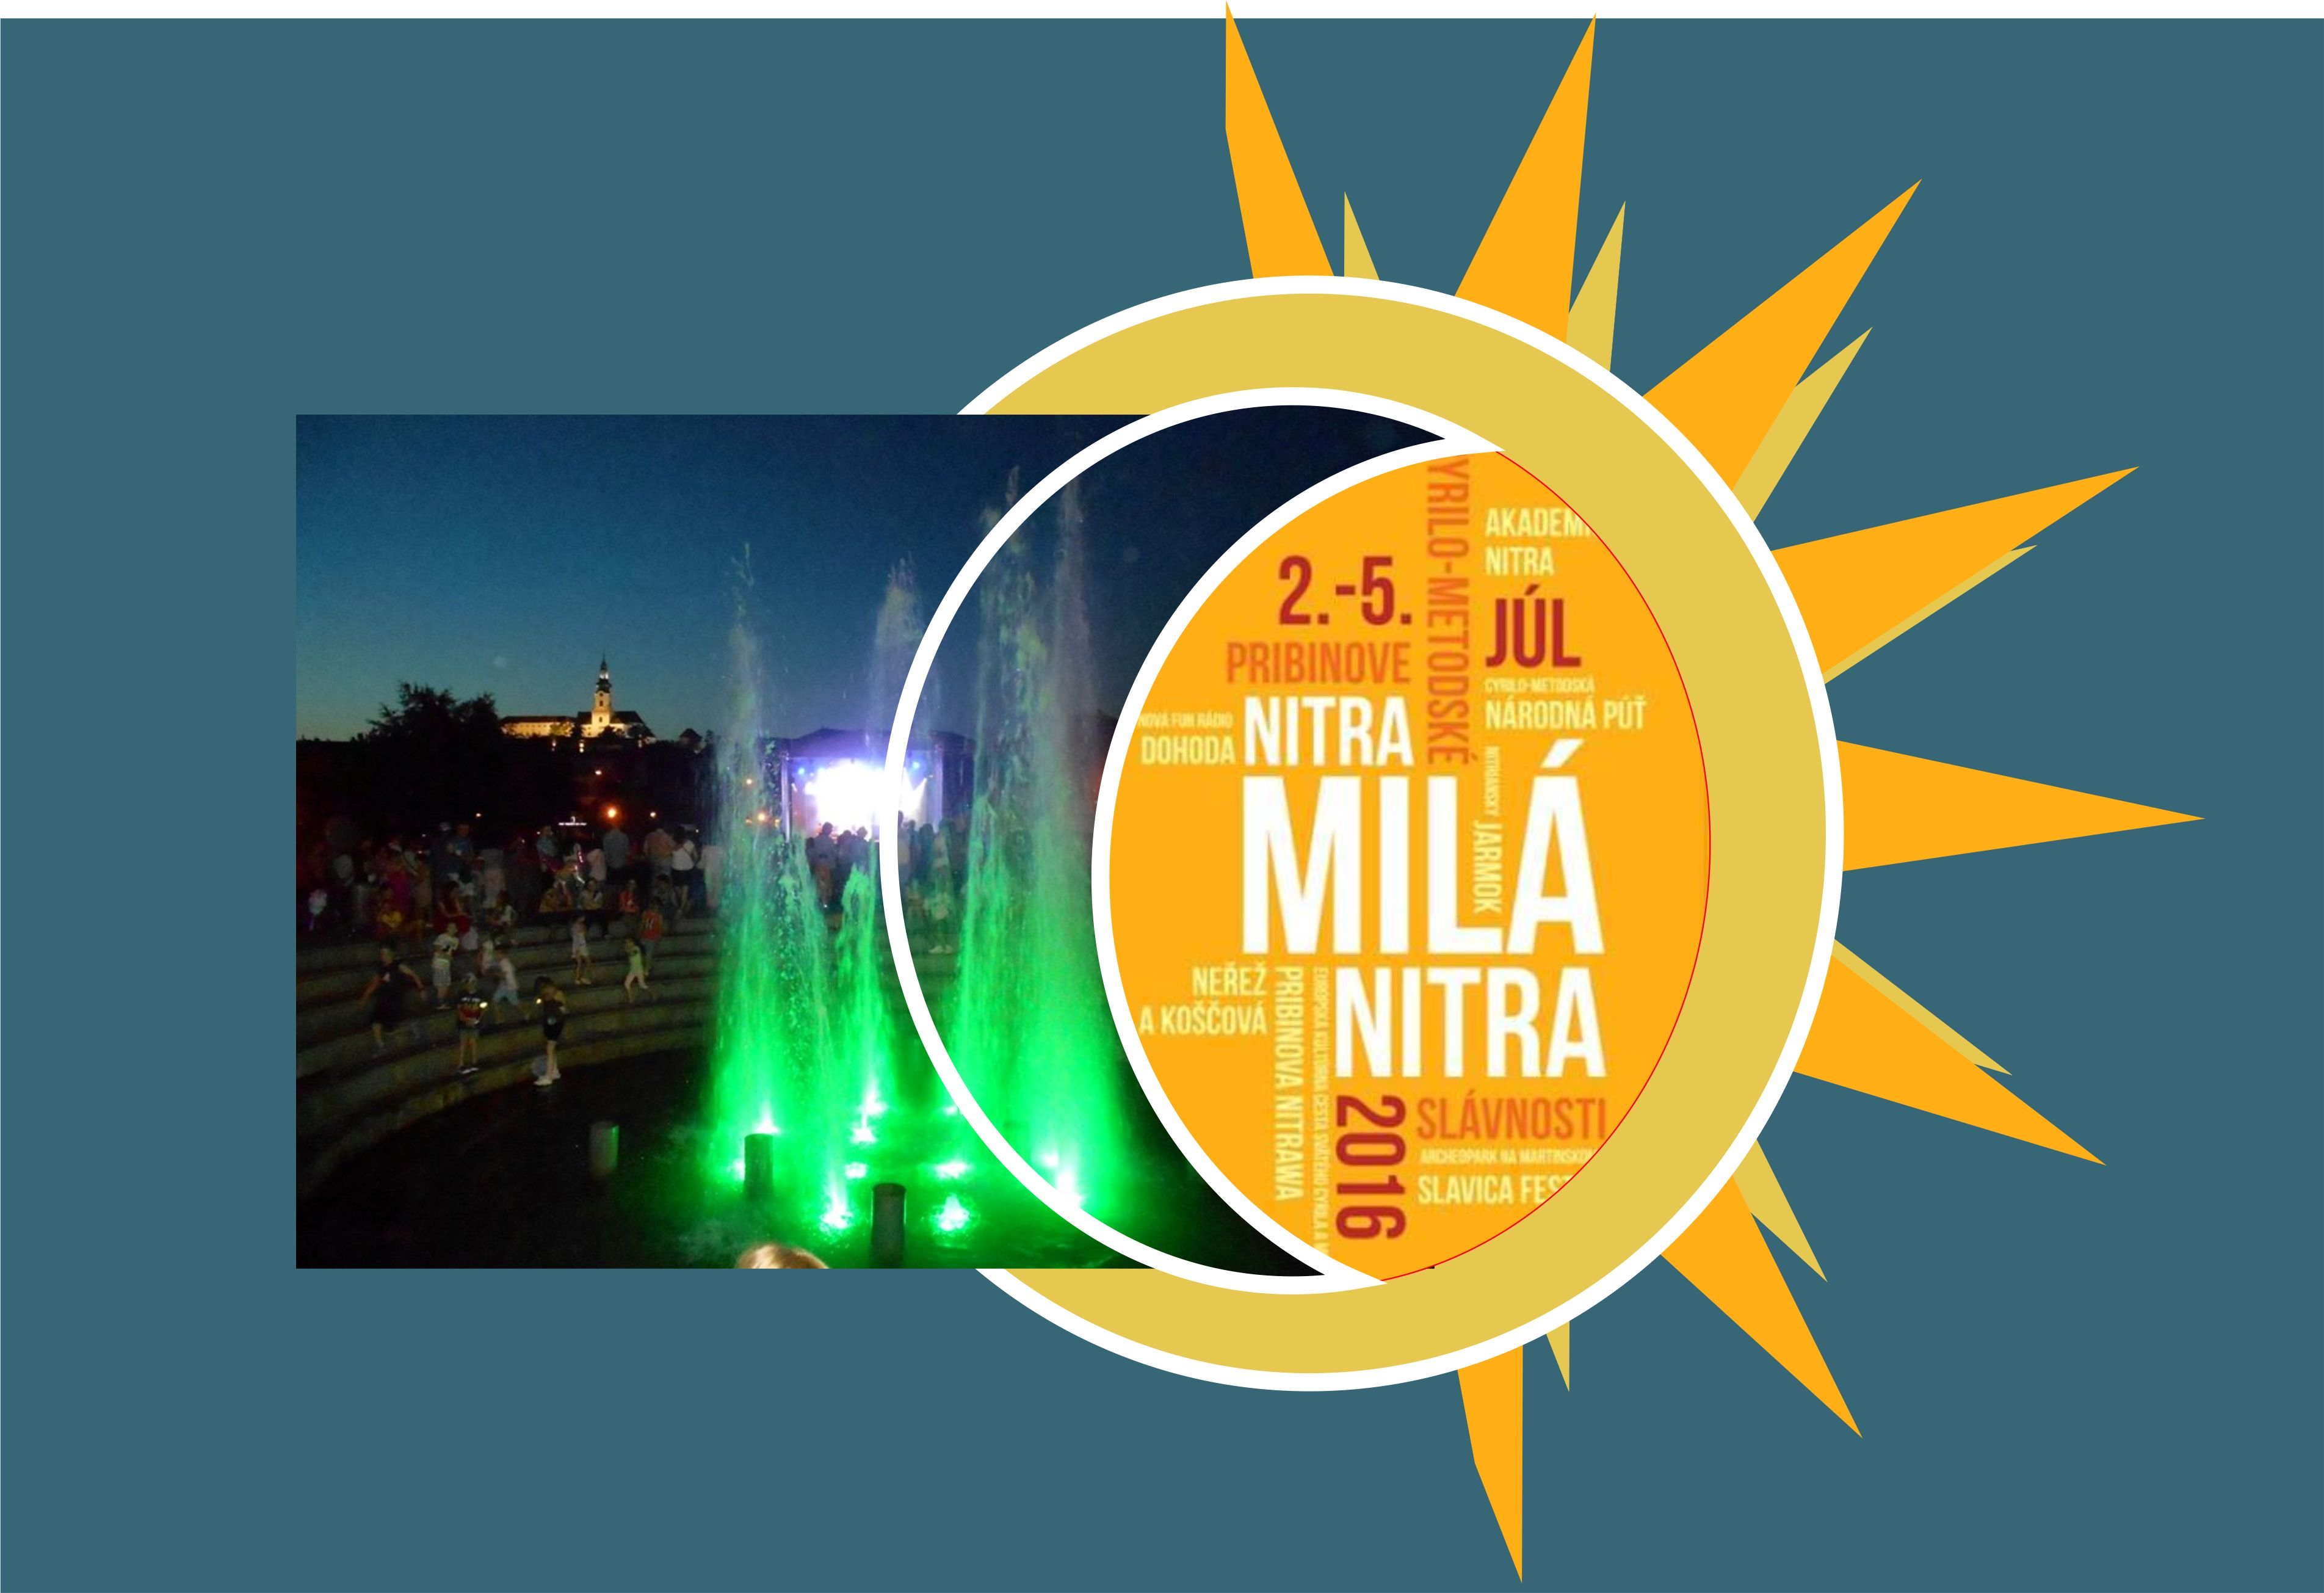 39f6293bf Aj tento rok sa môžu obyvatelia Nitry tešiť na jednu z najväčších udalostí  roka - na mestské slávnosti Nitra, milá Nitra. Každý rok sa tešia obrovskej  ...